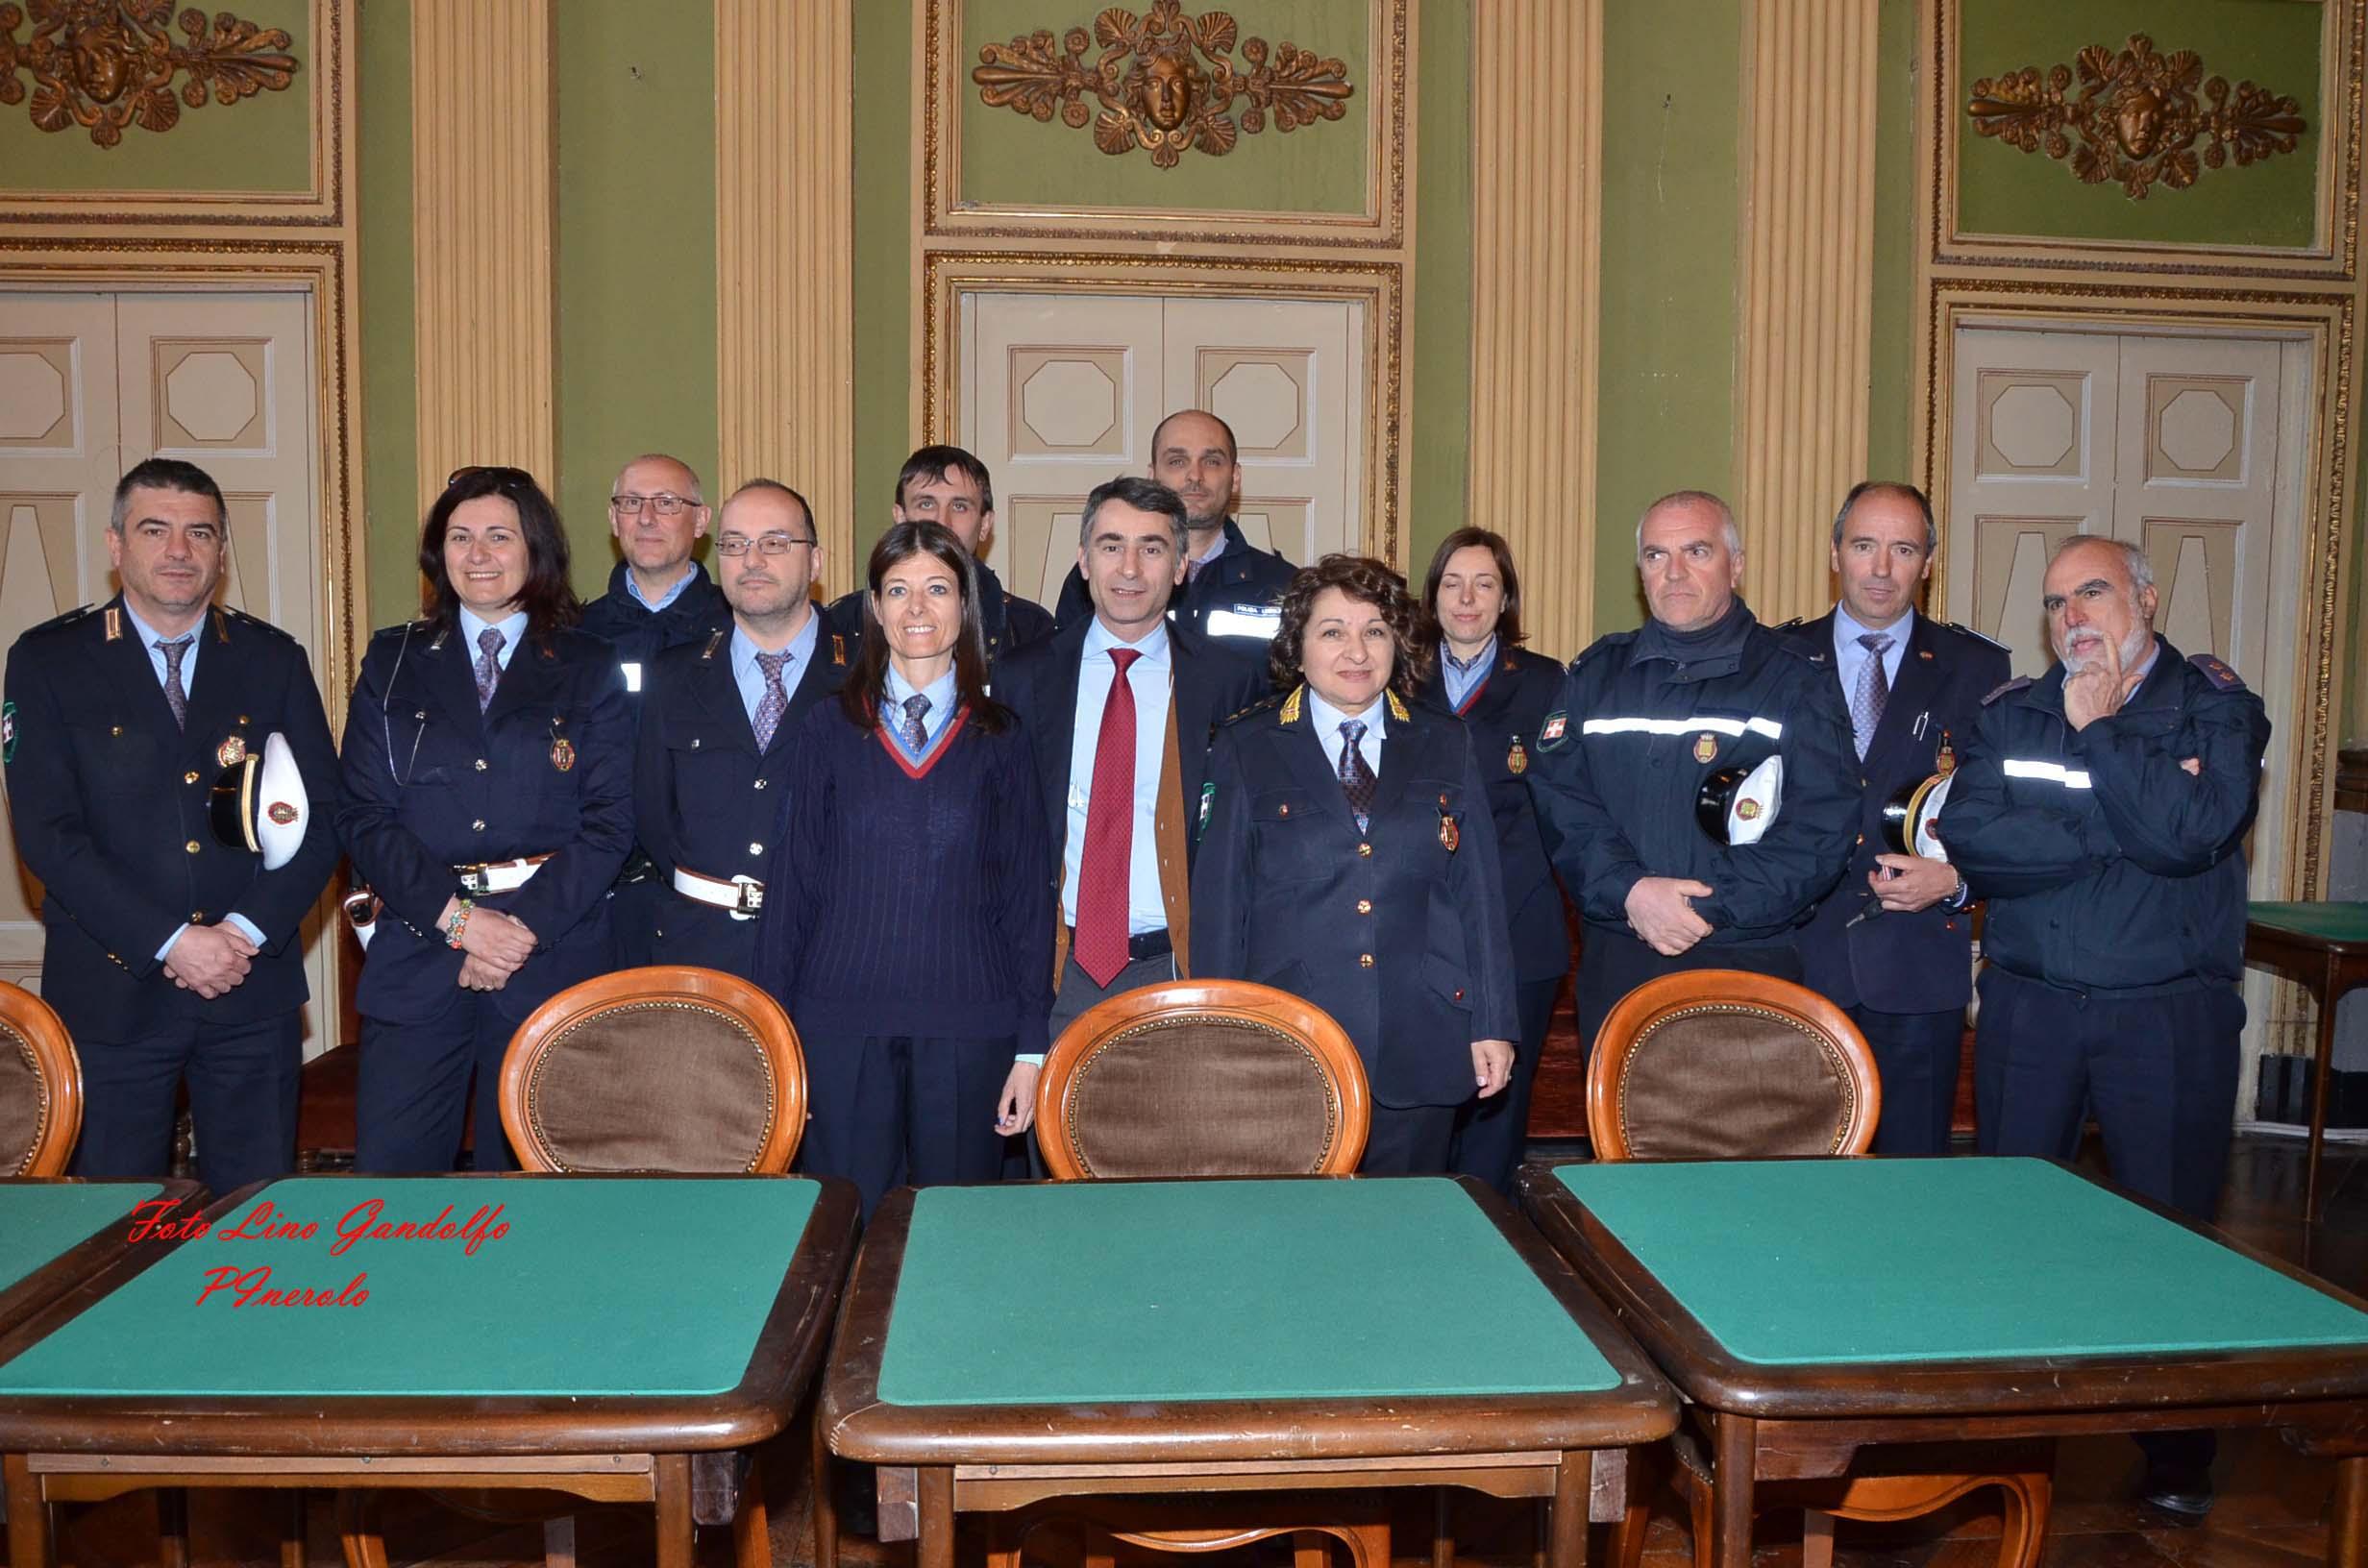 L'assessore Ferraris a Pinerolo: occorre aggiornare la legge regionale sulla polizia locale